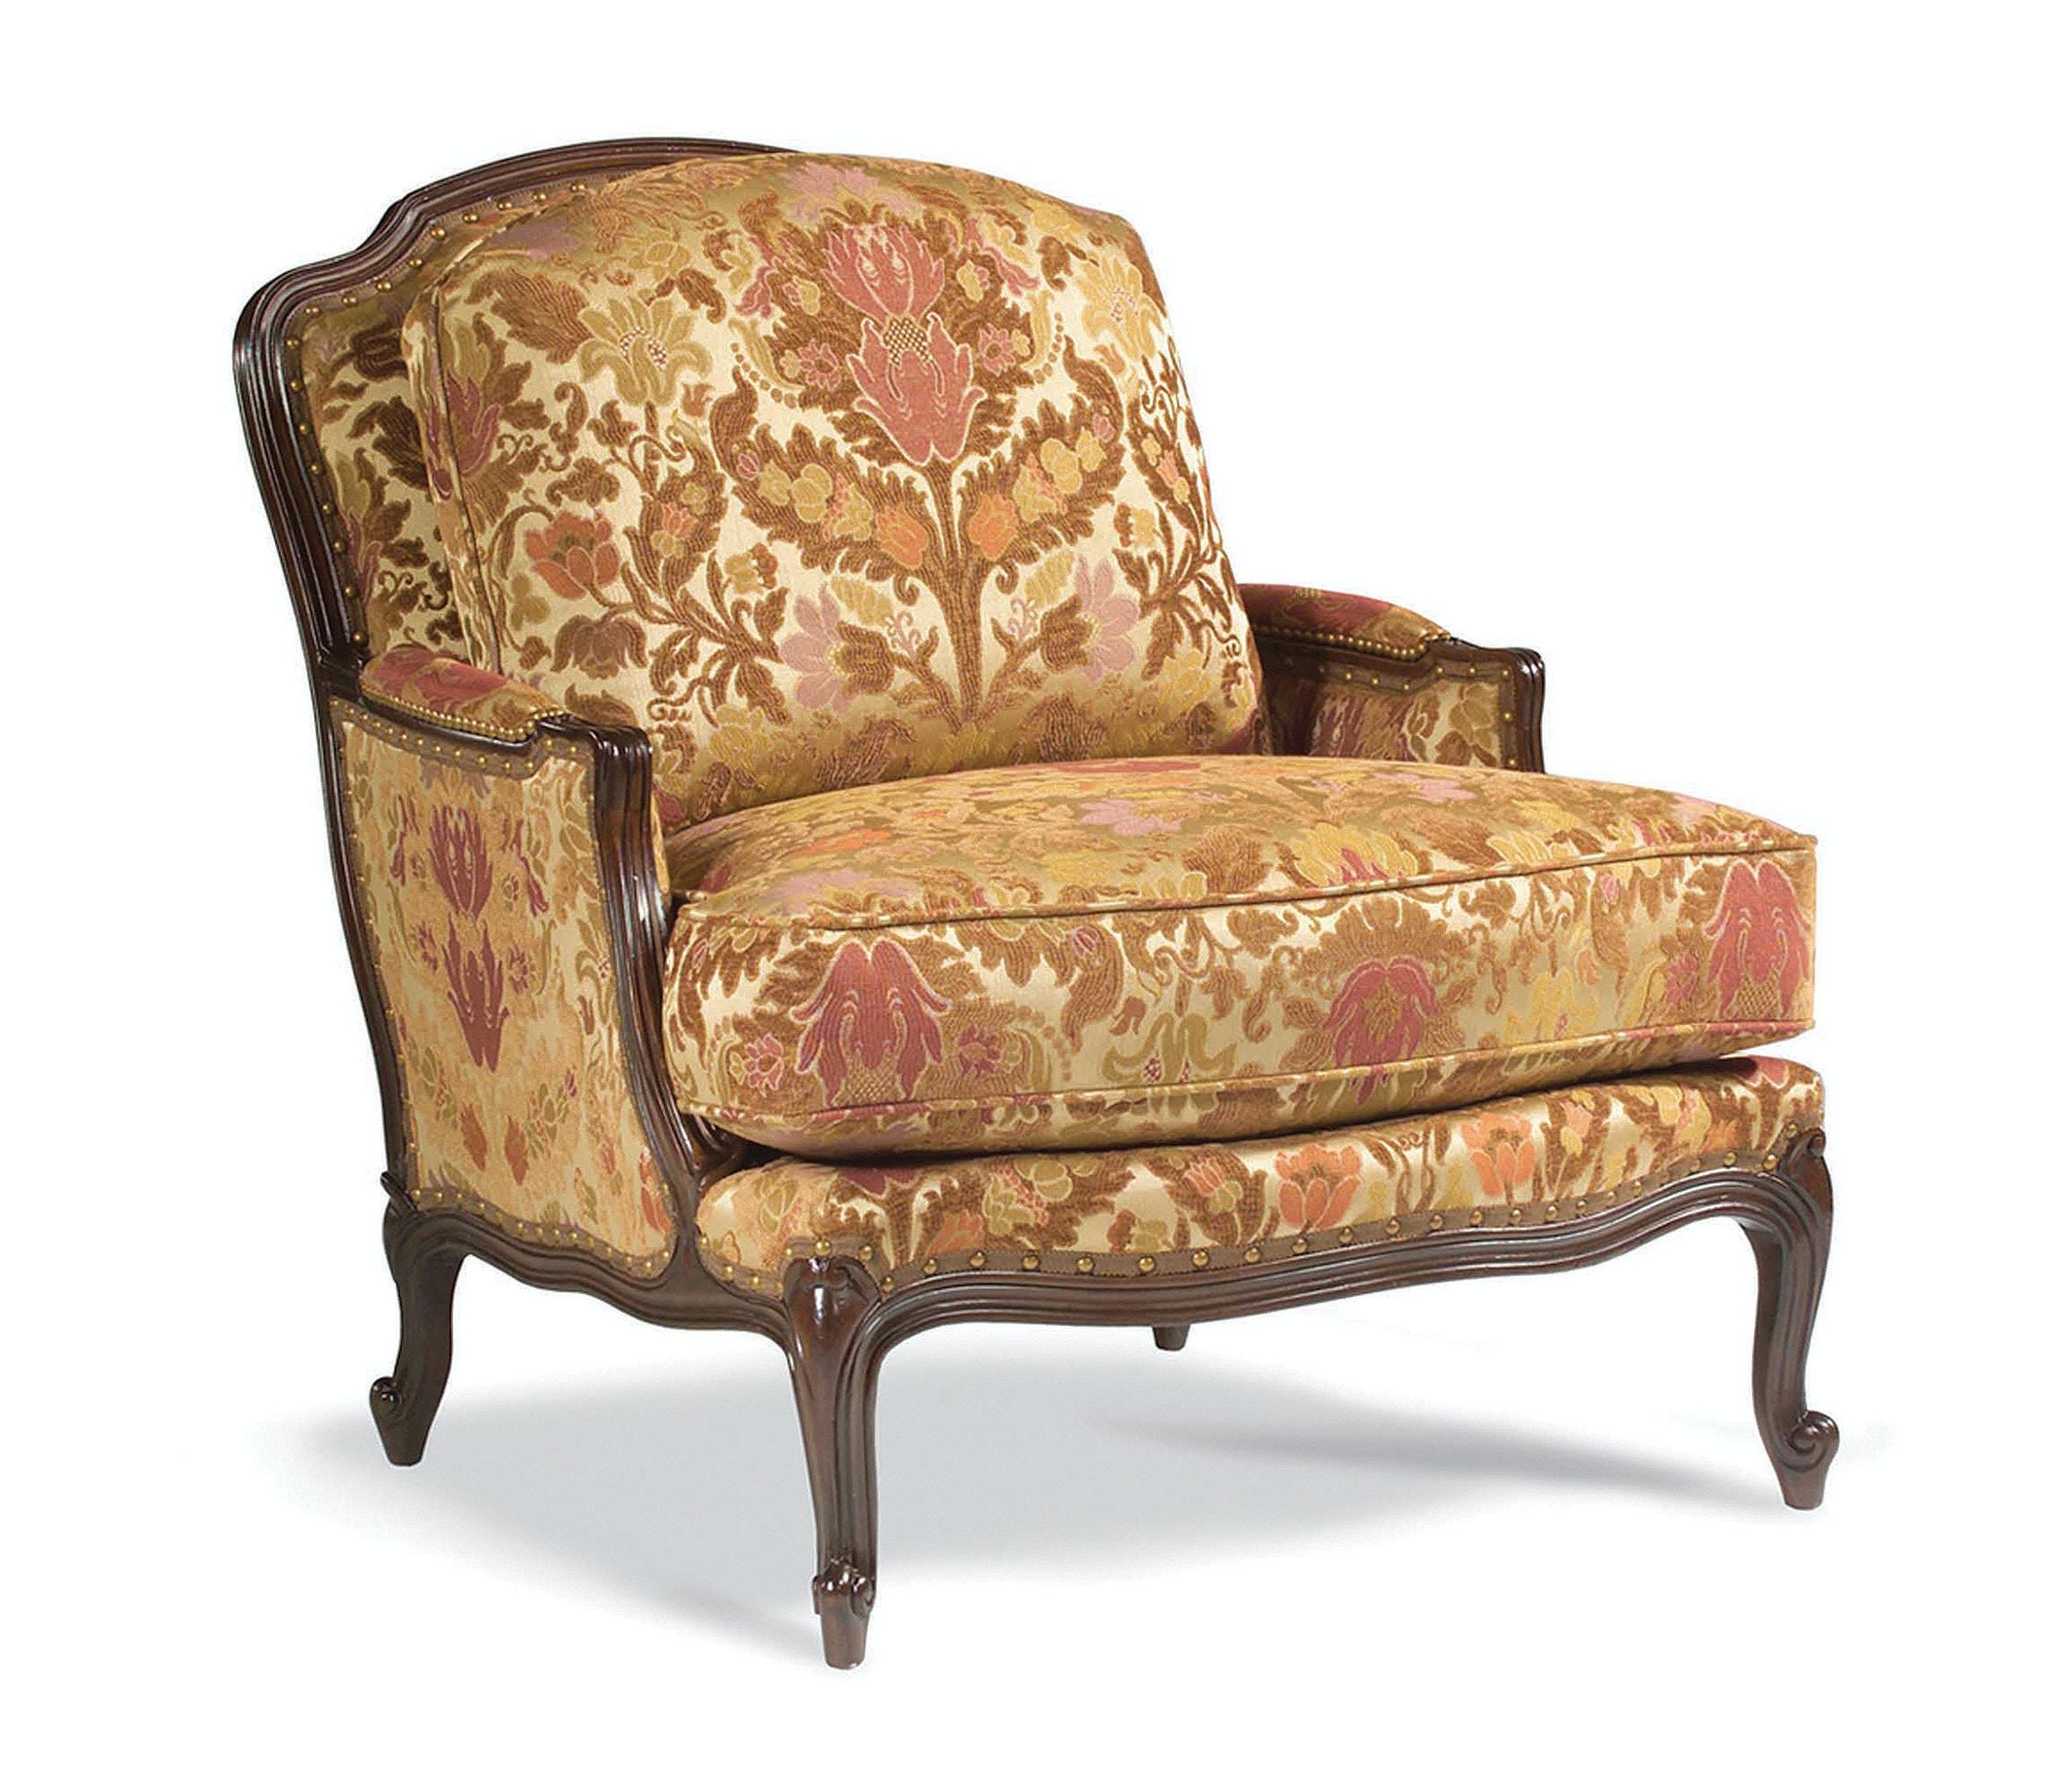 Taylor King Furniture Gabrielle Chair 148 01